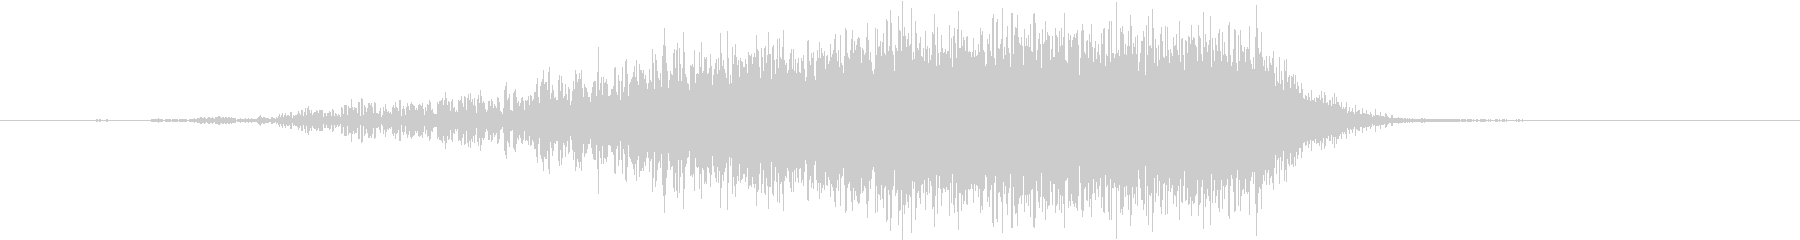 トランジション プロモーションパッド66の未再生の波形